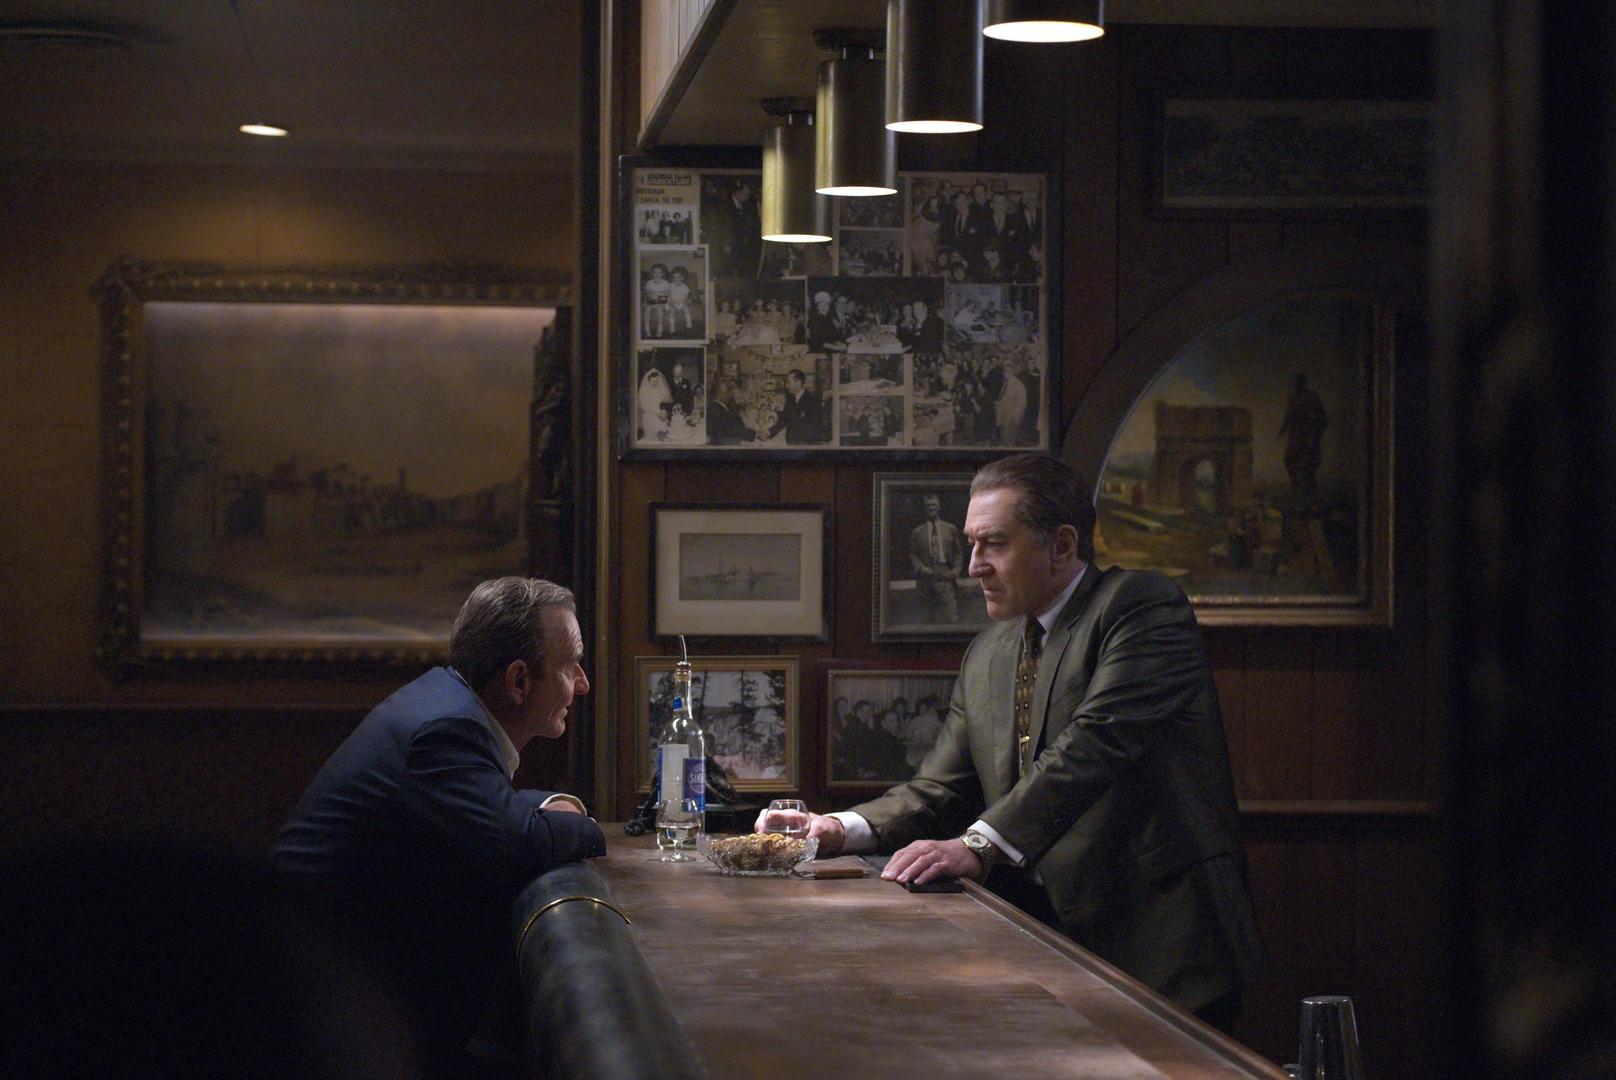 Watch De Niro, Pacino, Pesci Recreate Jimmy Hoffa Saga in Trailer for Scorsese's 'The Irishman'